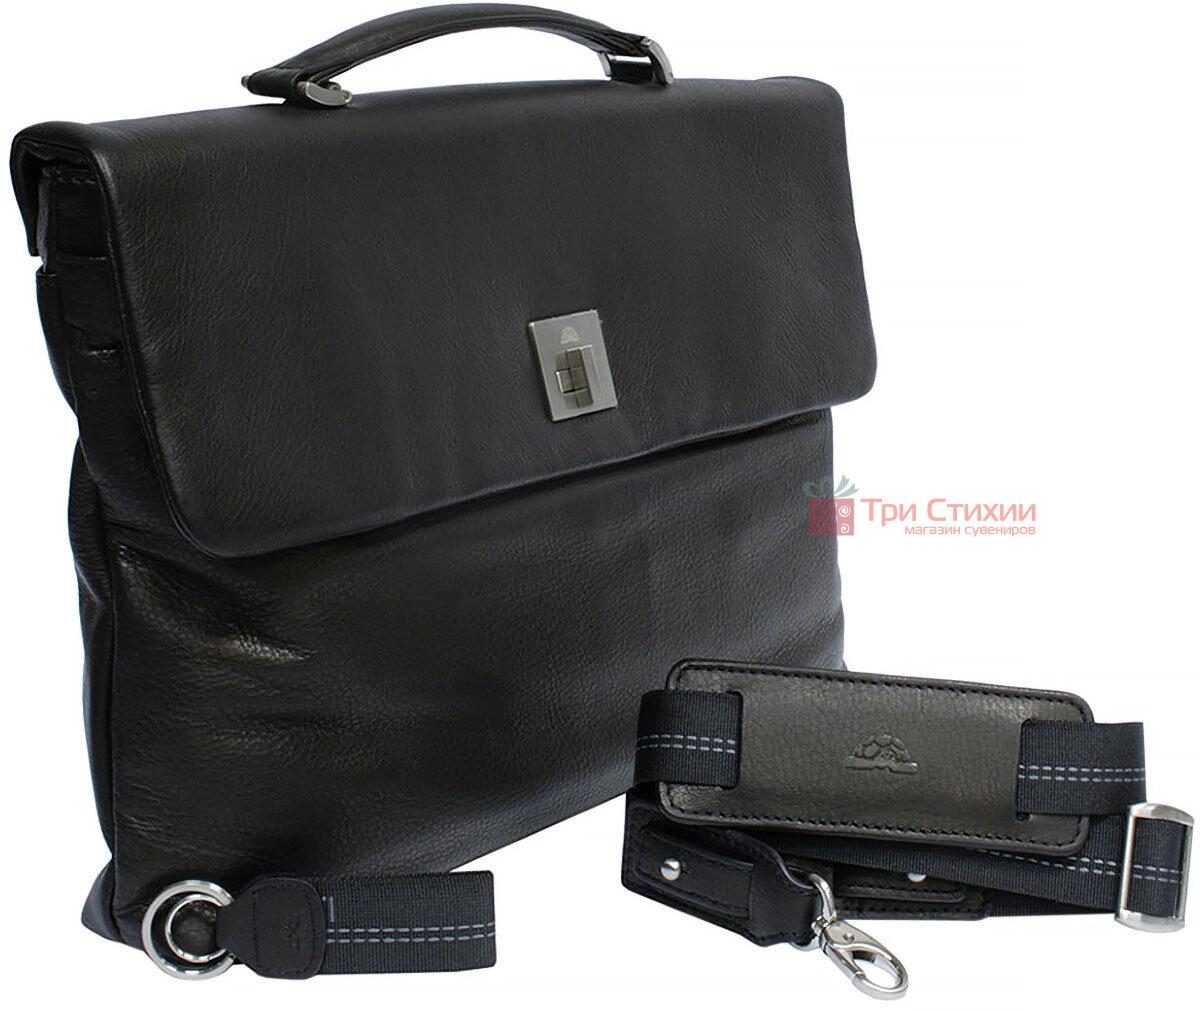 Портфель Tony Perotti Contatto 9160-35-Ct nero Чорний, Колір: Чорний, фото